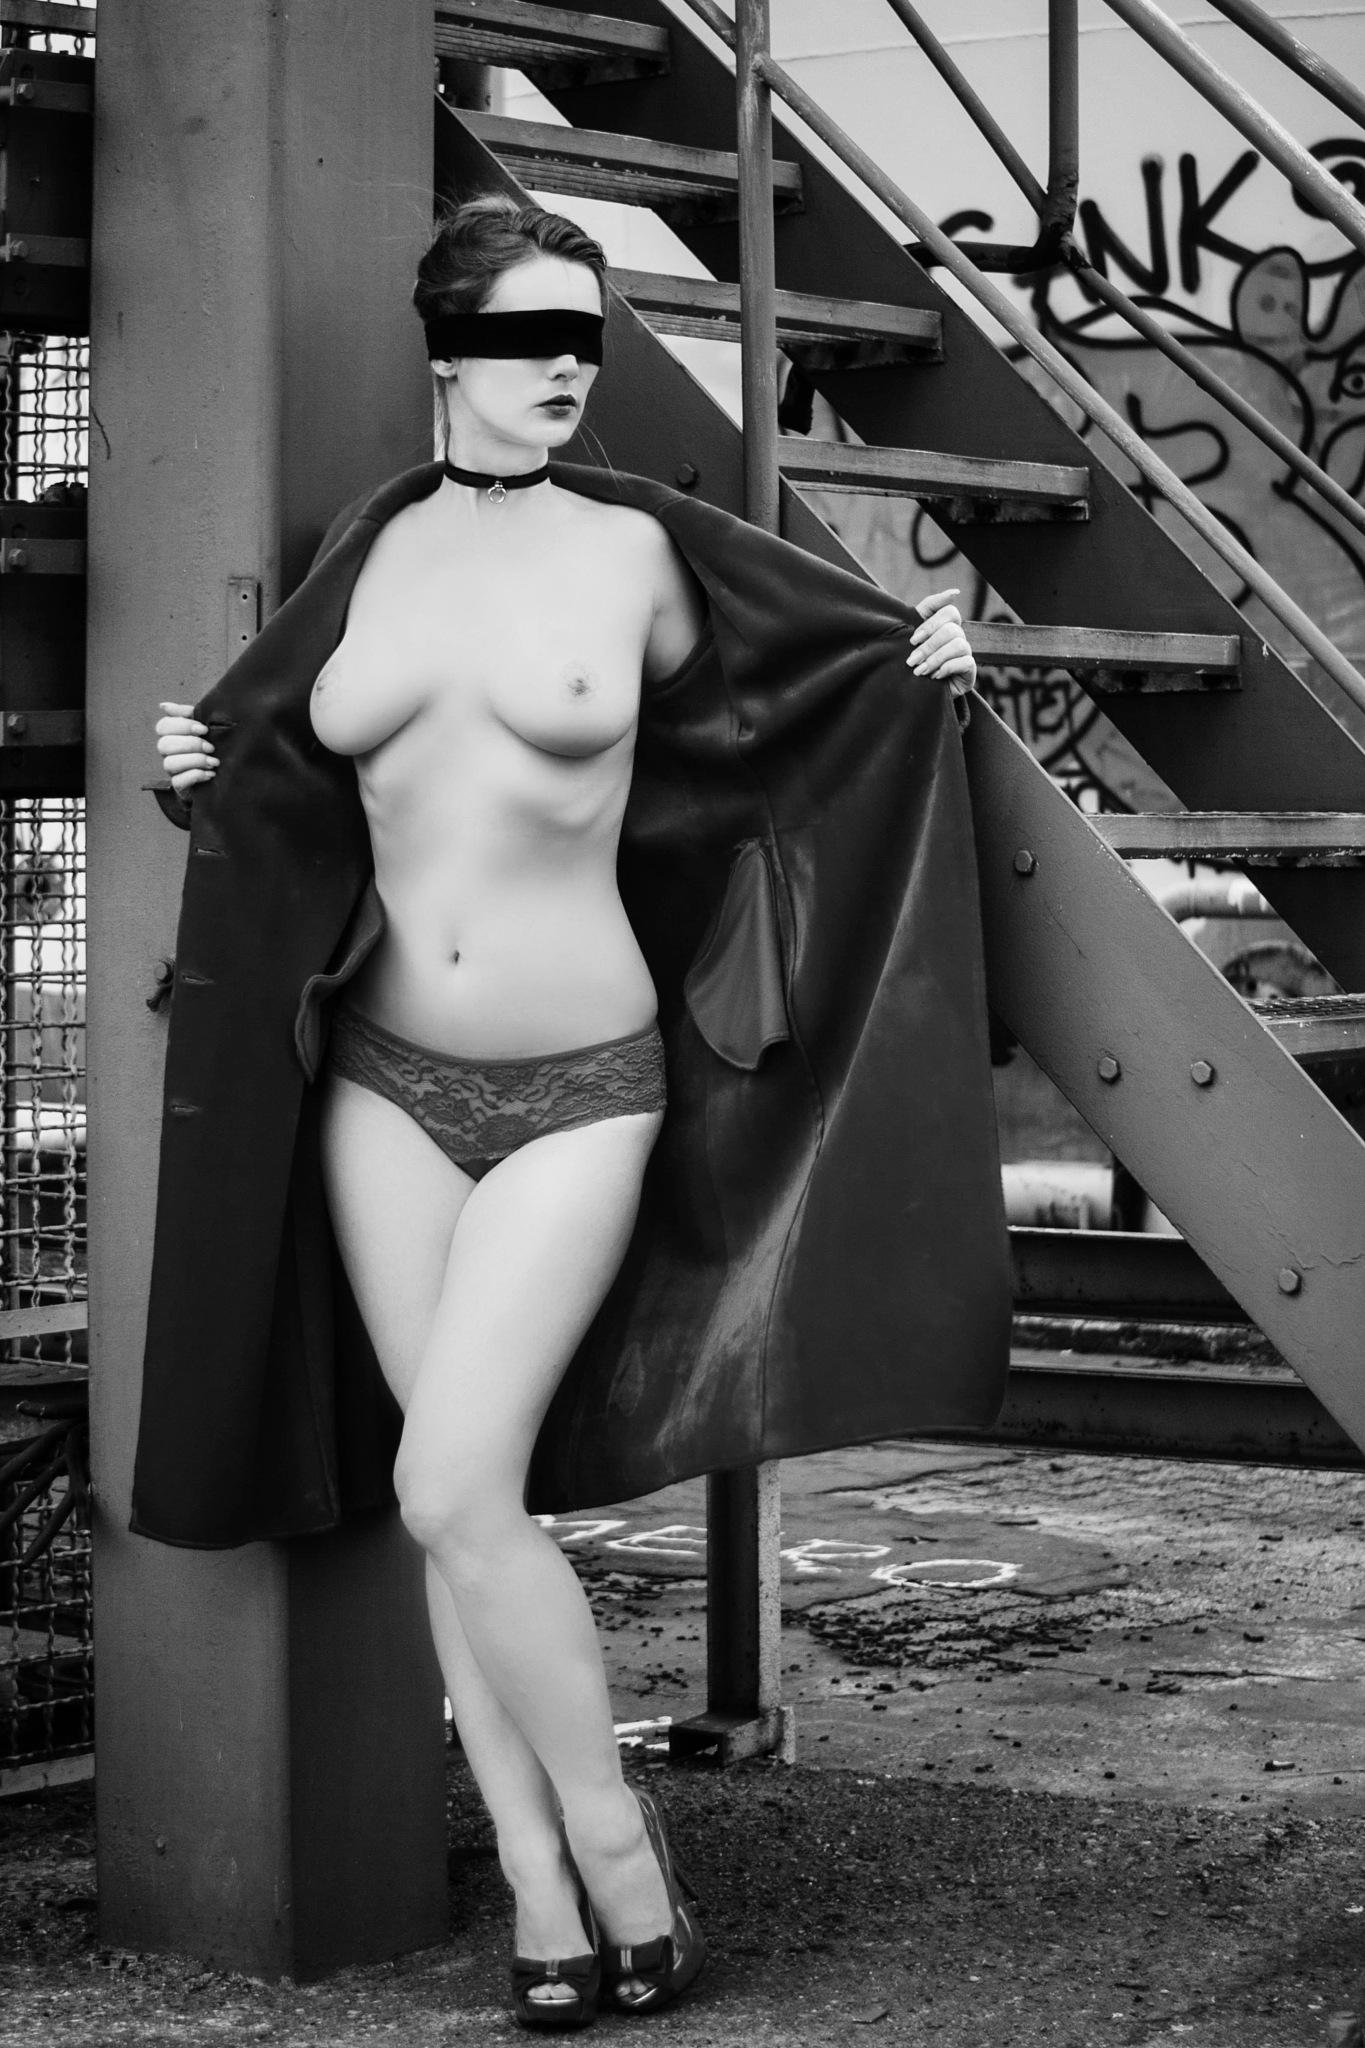 Steel & Skin by ulrich.grolla